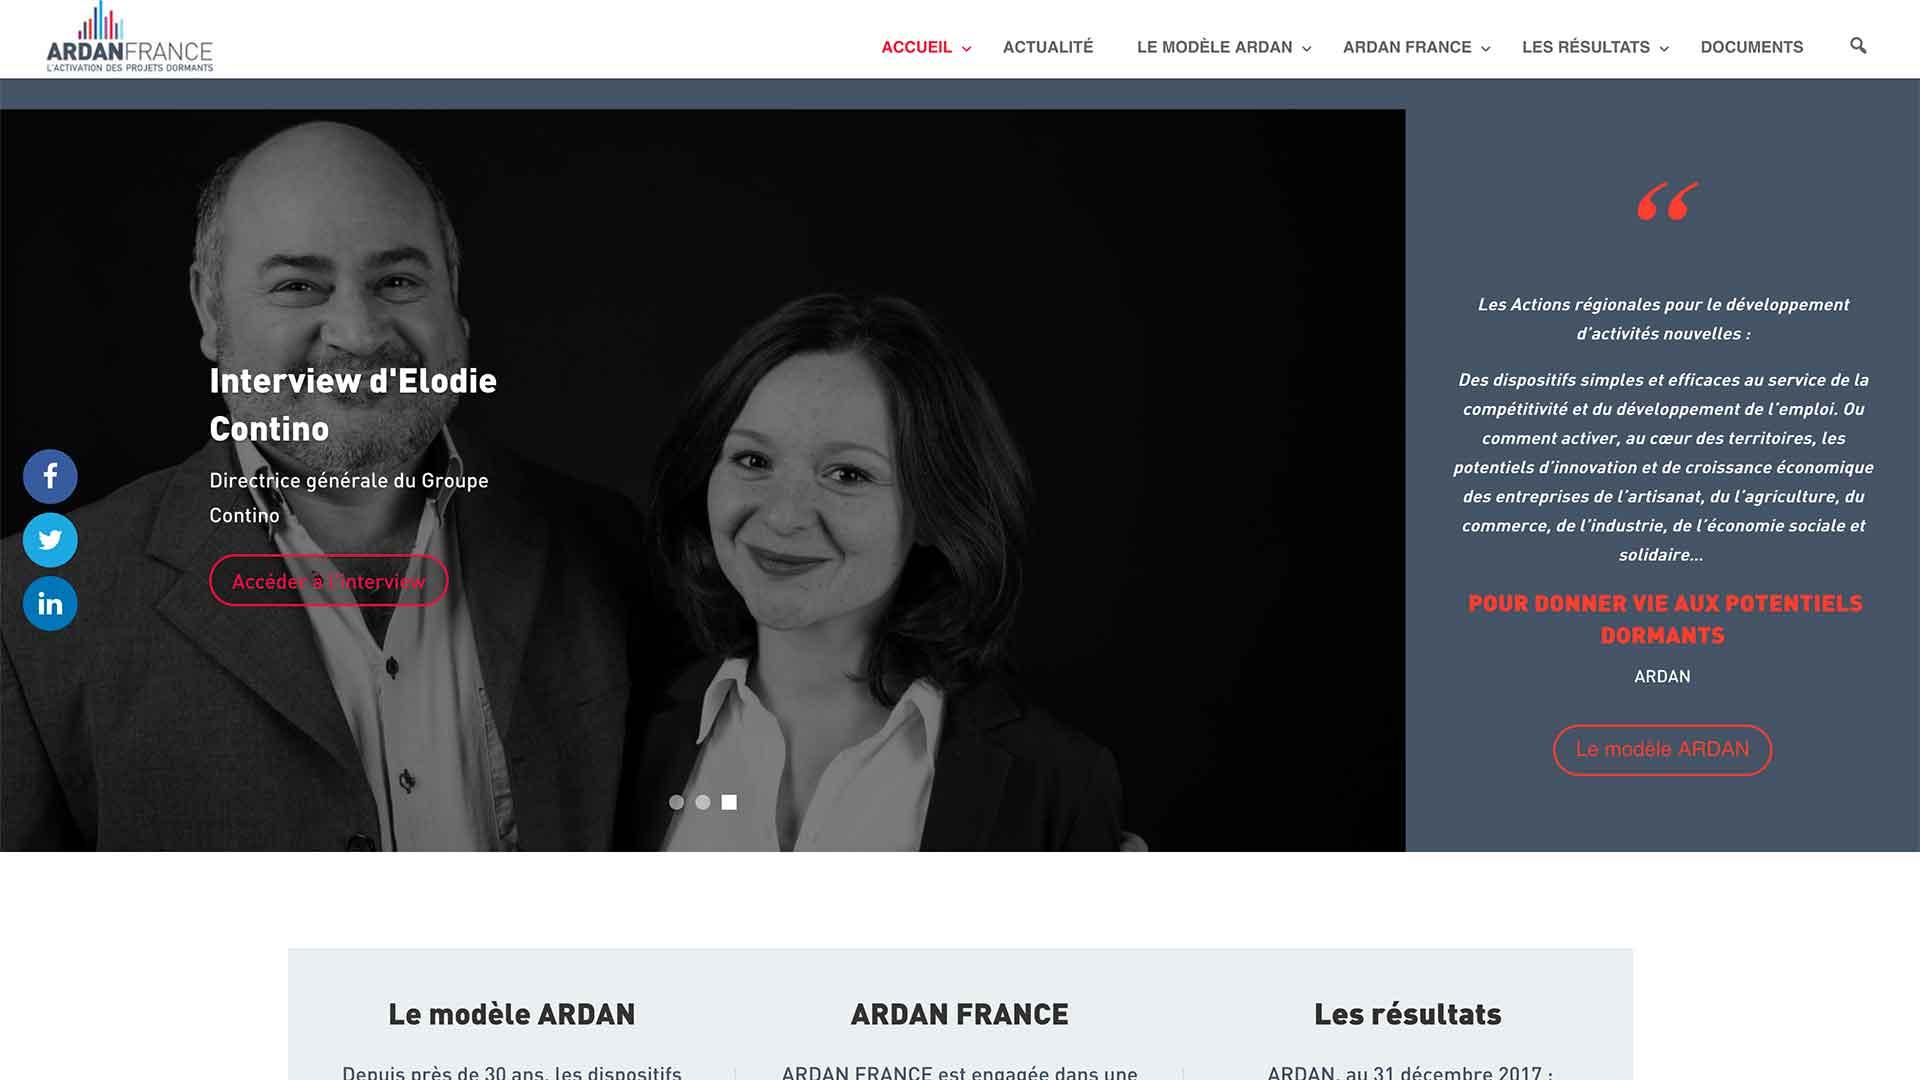 Ardan France